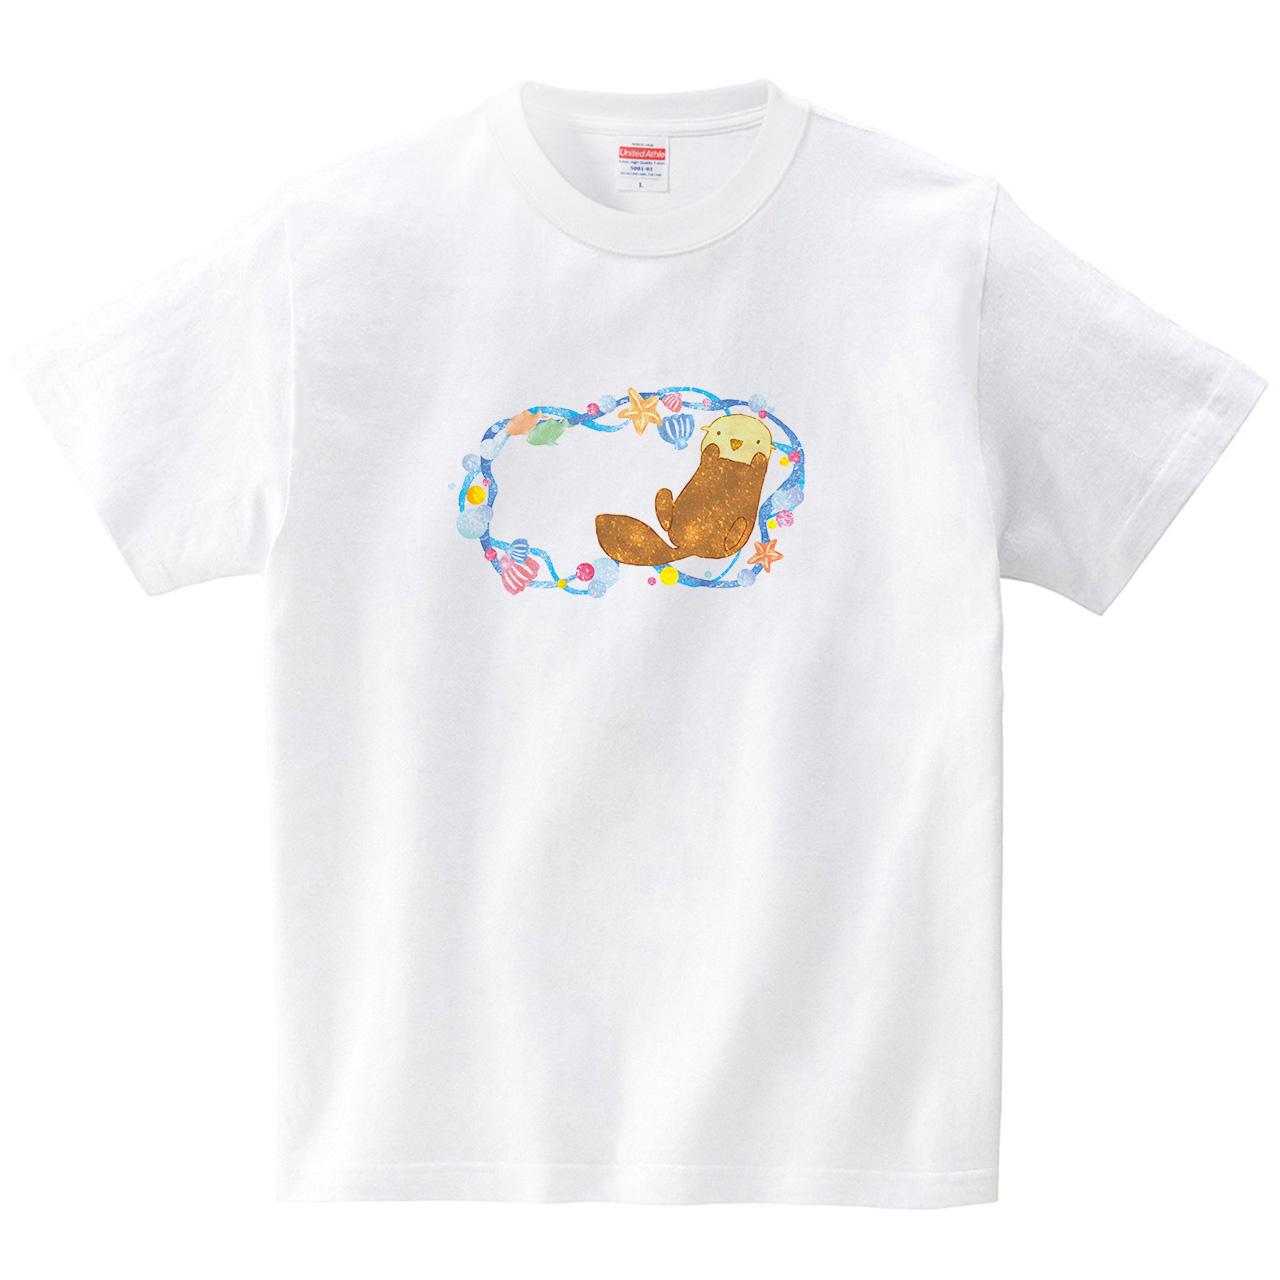 夏色ラッコ(Tシャツ・ホワイト)(あおまんぼう)